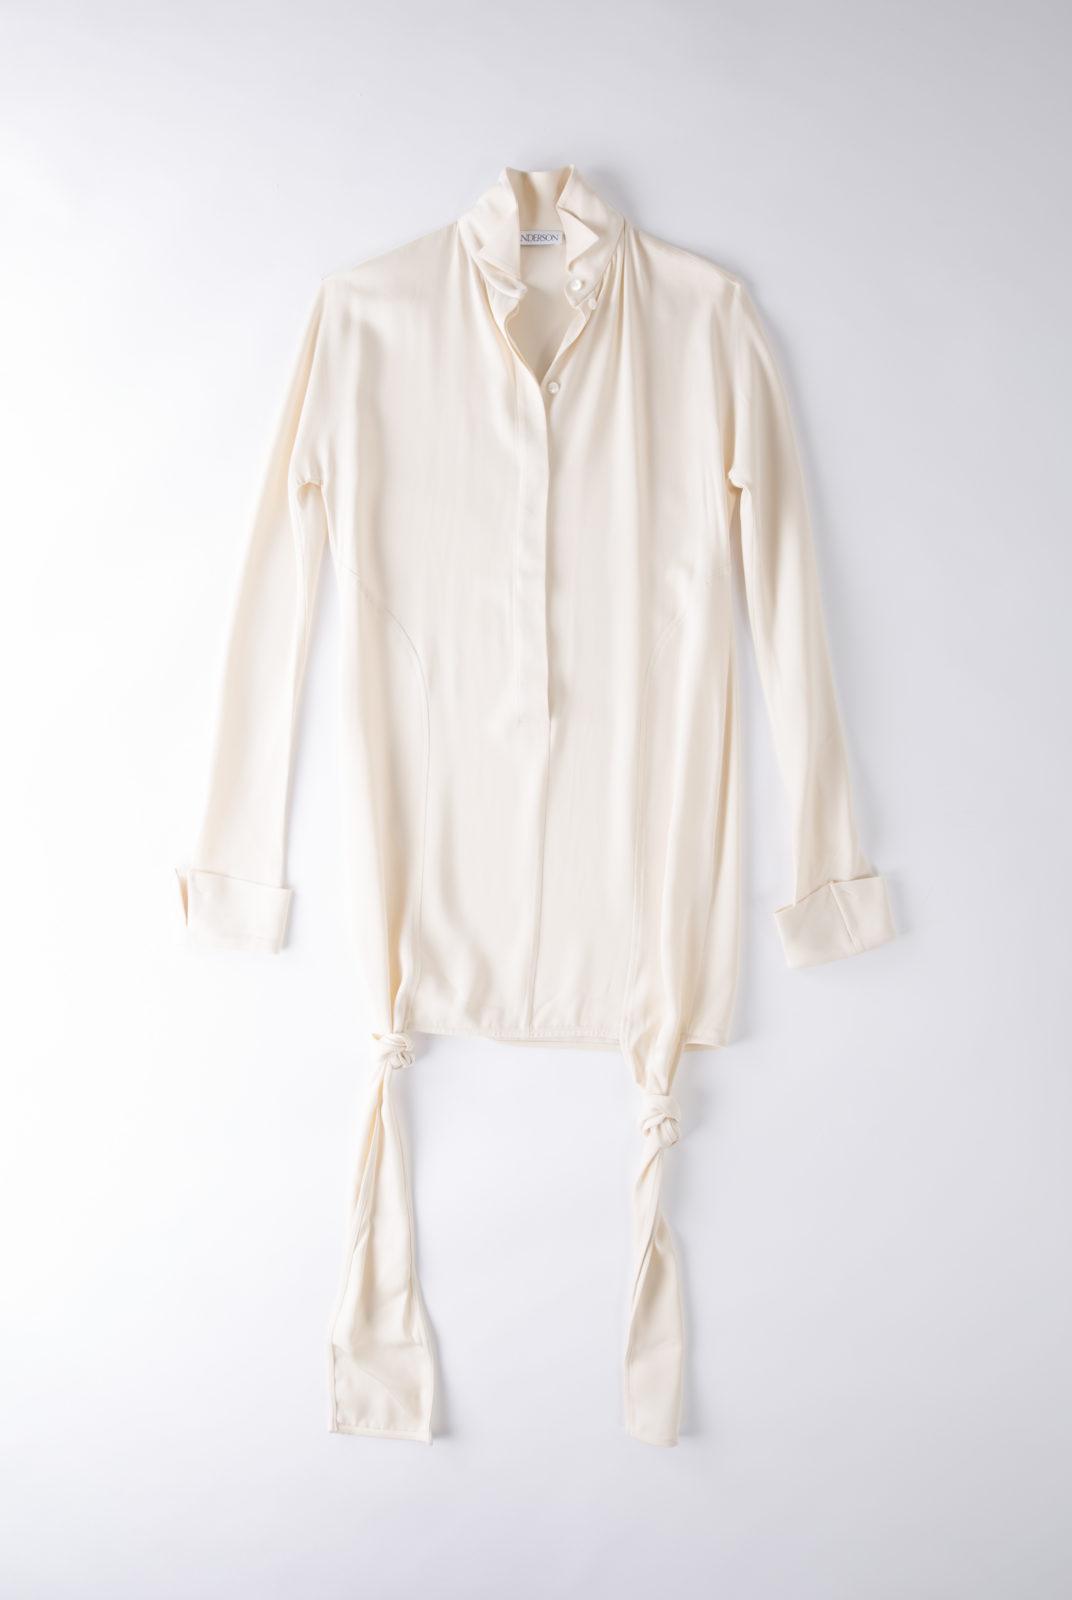 Blouse cream, en tissu double georgette, fluide et féminin, col souple et poignets ouverts, JW Anderson.